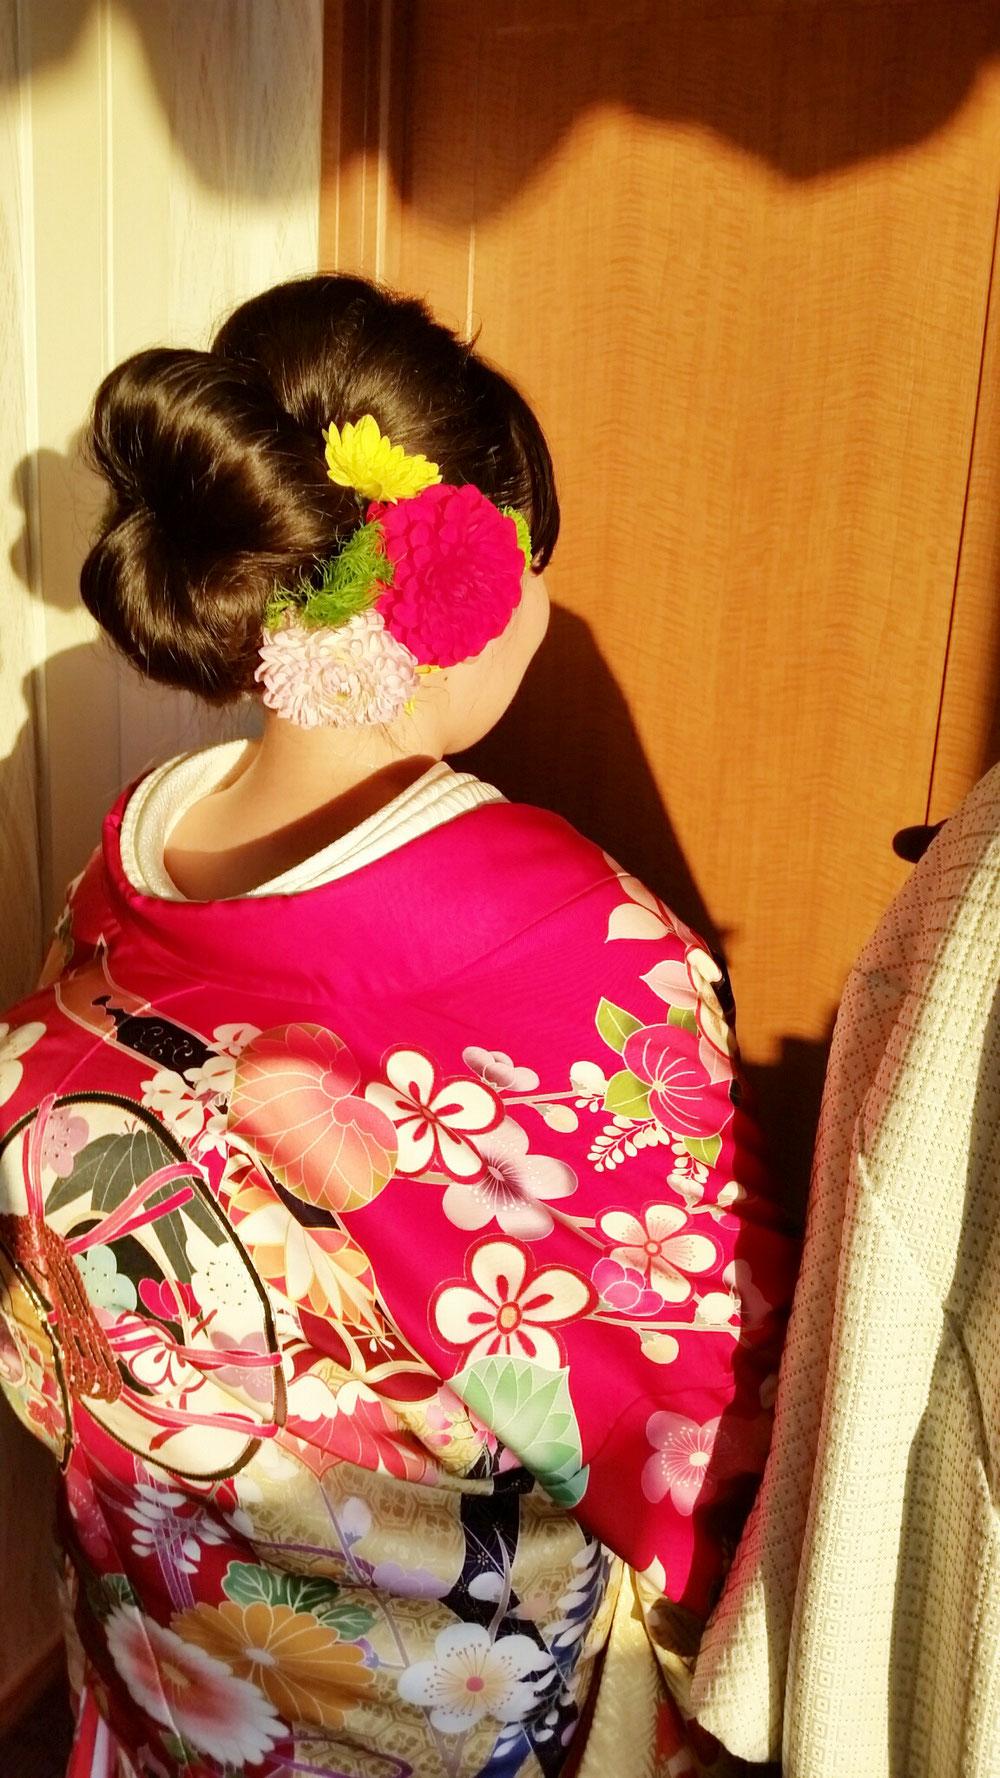 当日和装はコロンと可愛いシニヨンstyleに生花🎵  ラフなstyleが流行りの中、和装styleでメリハリをつけるのもオススメ✨